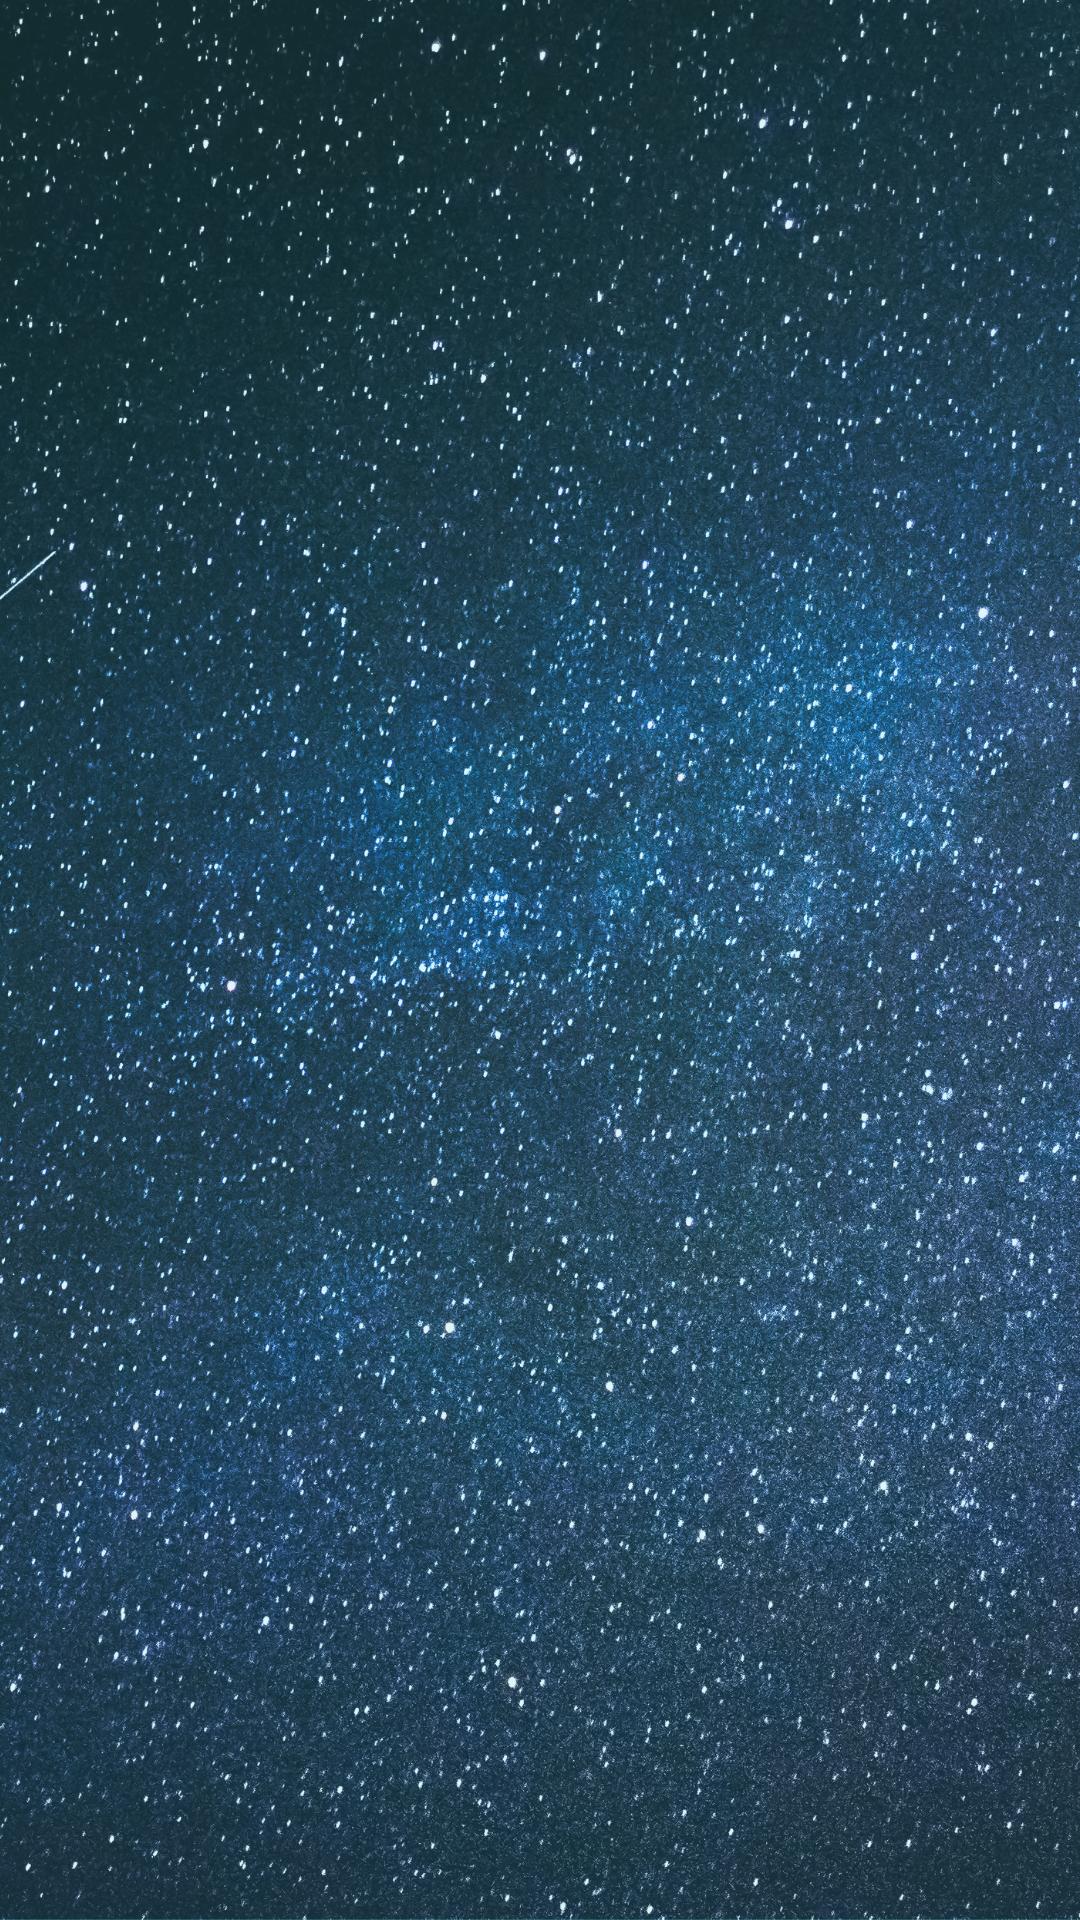 Papel De Parede Para Celular Estrelas Papel De Parede Flores